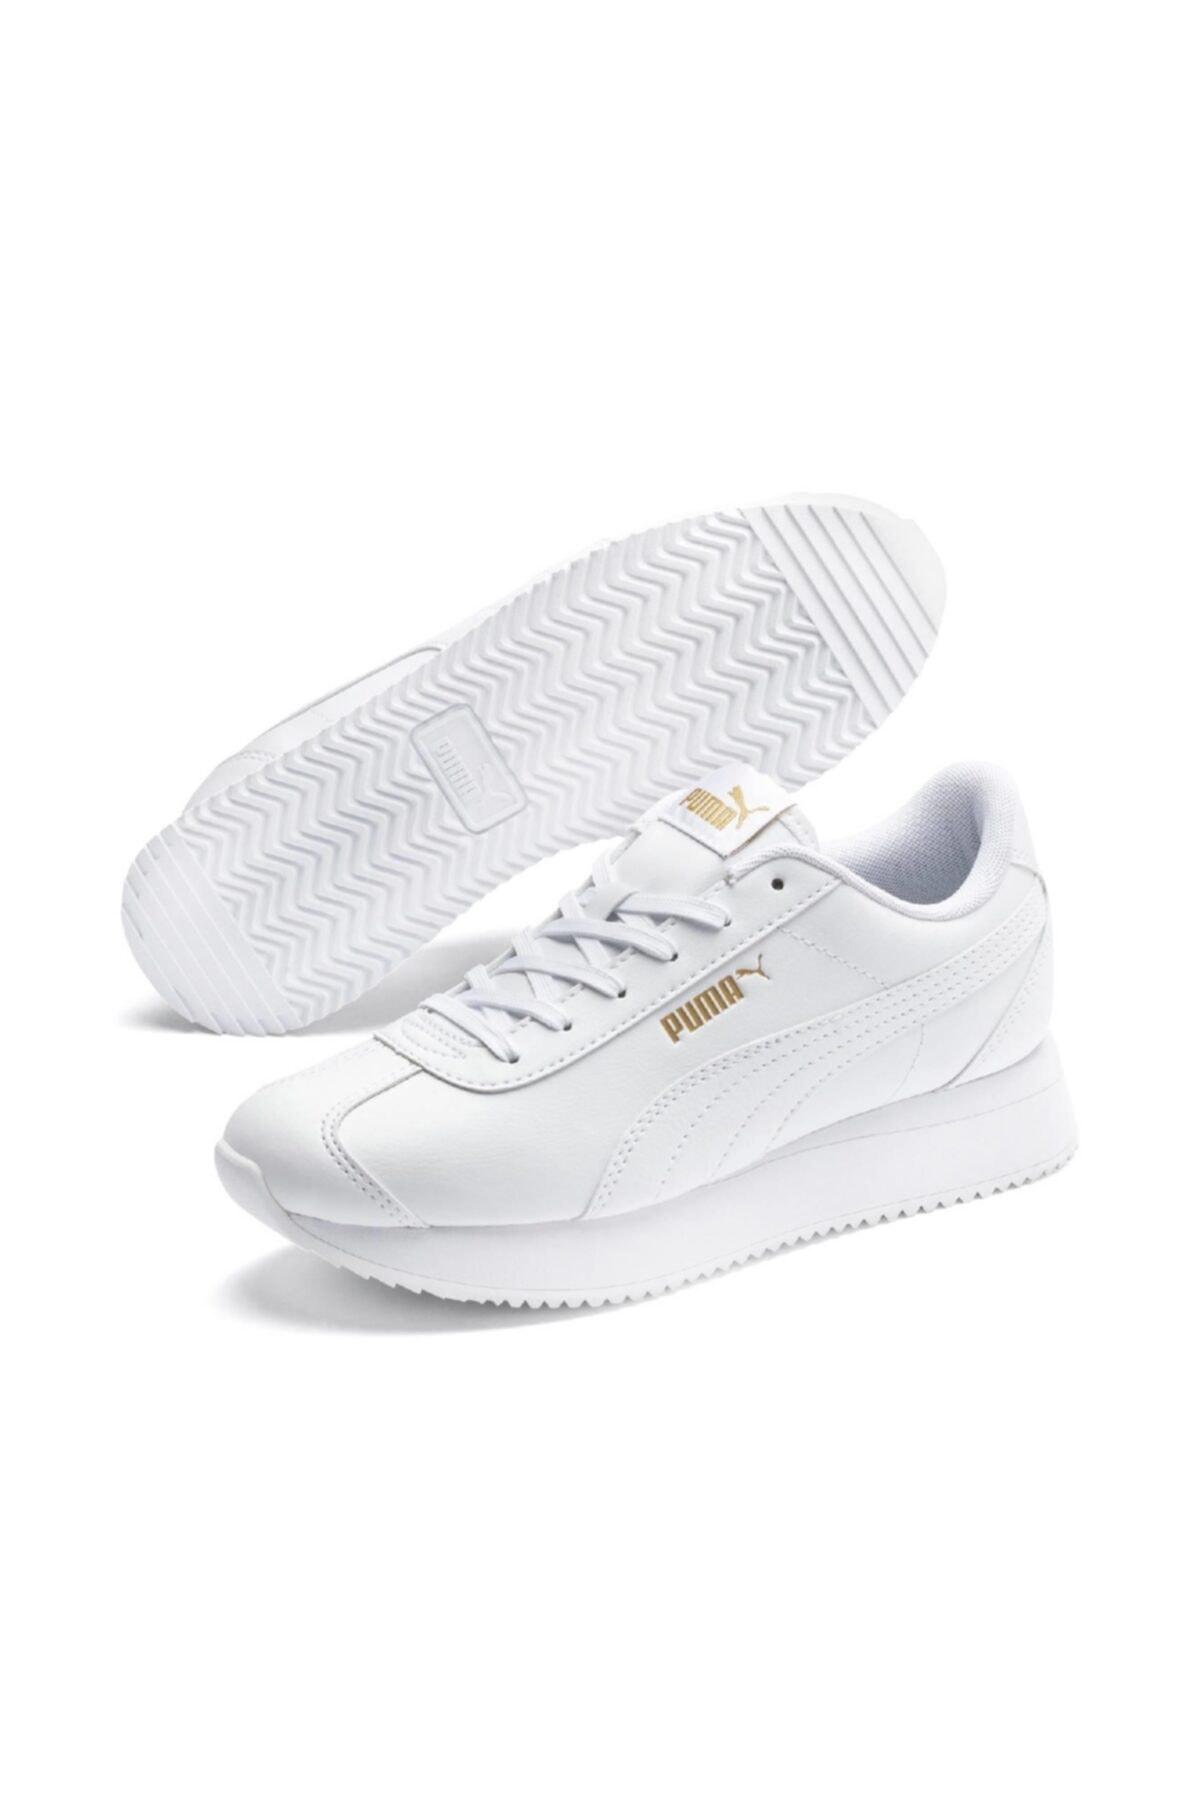 Puma Turino Stacked Kadın Günlük Spor Ayakkabı - 37111501 1